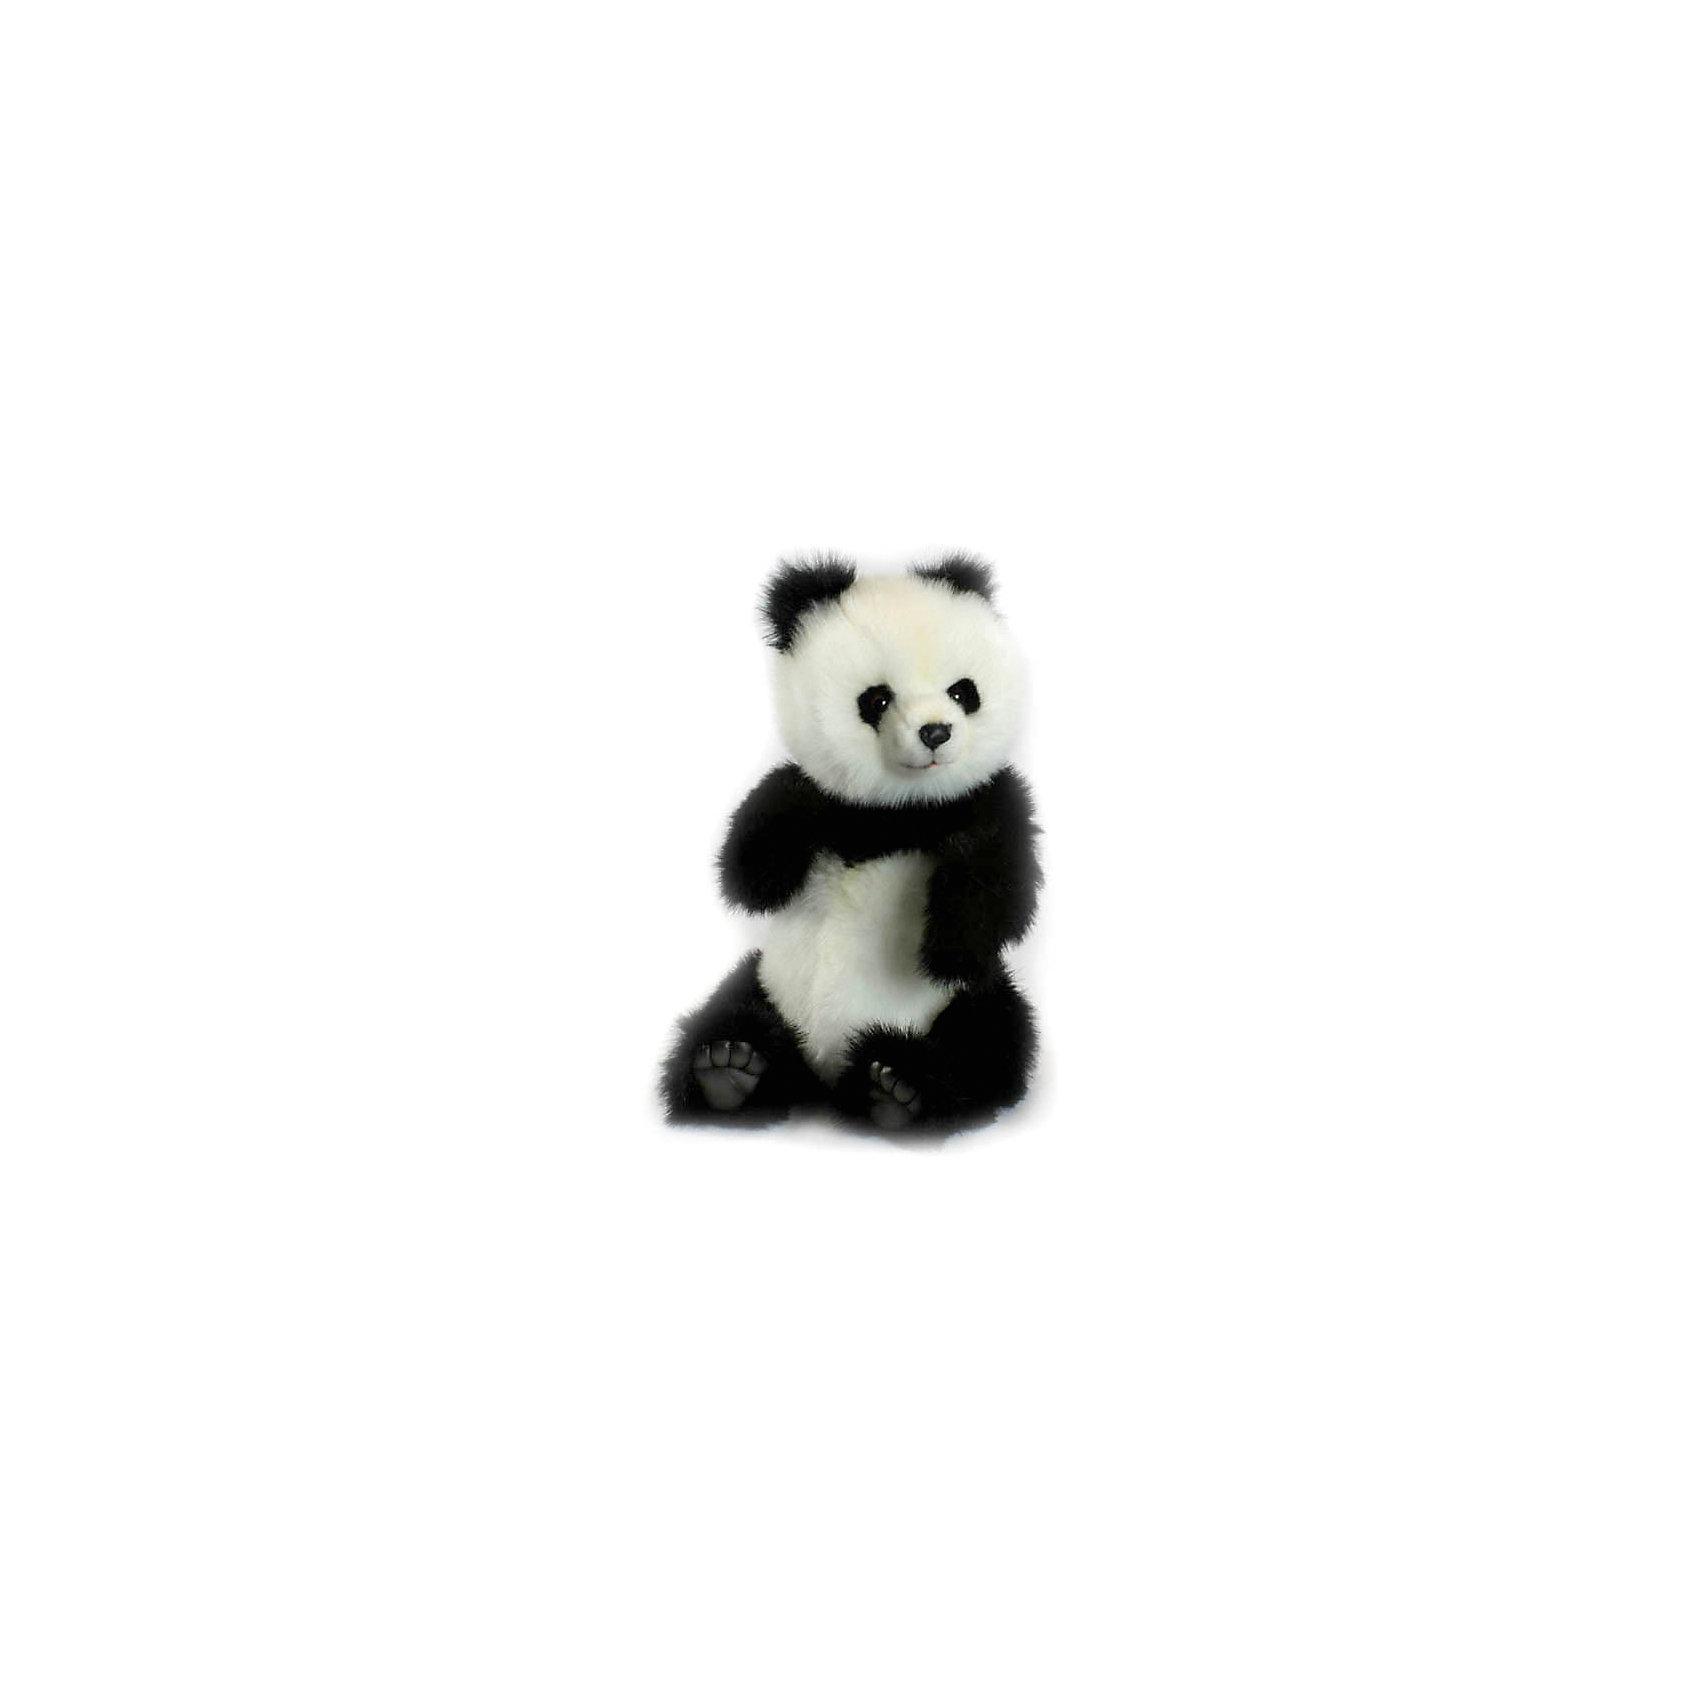 Панда, 38 смМягкие игрушки животные<br>Панда, 38 см – игрушка от знаменитого бренда Hansa, специализирующегося на выпуске мягких игрушек с высокой степенью натуралистичности. Внешний вид игрушки полностью соответствует своему реальному прототипу – панде (бамбуковому медведю). Она выполнена из искусственного меха с длинным ворсом. Окрас игрушки полностью повторяет окрас бамбукового медведя. Использованные материалы обладают гипоаллергенными свойствами. Внутри игрушки имеется металлический каркас, позволяющий изменять положение. <br>Игрушка относится к серии Дикие животные. <br>Мягкие игрушки от Hansa подходят для сюжетно-ролевых игр, для обучающих игр, направленных на знакомство с животным миром дикой природы. Кроме того, их можно использовать в качестве интерьерных игрушек. Коллекция из нескольких игрушек позволяет создать свой домашний зоопарк, который будет радовать вашего ребенка долгое время, так как ручная работа и качественные материалы гарантируют их долговечность и прочность.<br><br>Дополнительная информация:<br><br>- Вид игр: сюжетно-ролевые игры, коллекционирование, интерьерные игрушки<br>- Предназначение: для дома, для детских развивающих центров, для детских садов<br>- Материал: искусственный мех, наполнитель ? полиэфирное волокно<br>- Размер (ДхШхВ): 30*38*25 см<br>- Вес: 1 кг 300 г<br>- Особенности ухода: сухая чистка при помощи пылесоса или щетки для одежды<br><br>Подробнее:<br><br>• Для детей в возрасте: от 3 лет <br>• Страна производитель: Филиппины<br>• Торговый бренд: Hansa<br><br>Панду, 38 см можно купить в нашем интернет-магазине.<br><br>Ширина мм: 30<br>Глубина мм: 38<br>Высота мм: 25<br>Вес г: 1300<br>Возраст от месяцев: 36<br>Возраст до месяцев: 2147483647<br>Пол: Унисекс<br>Возраст: Детский<br>SKU: 4927189